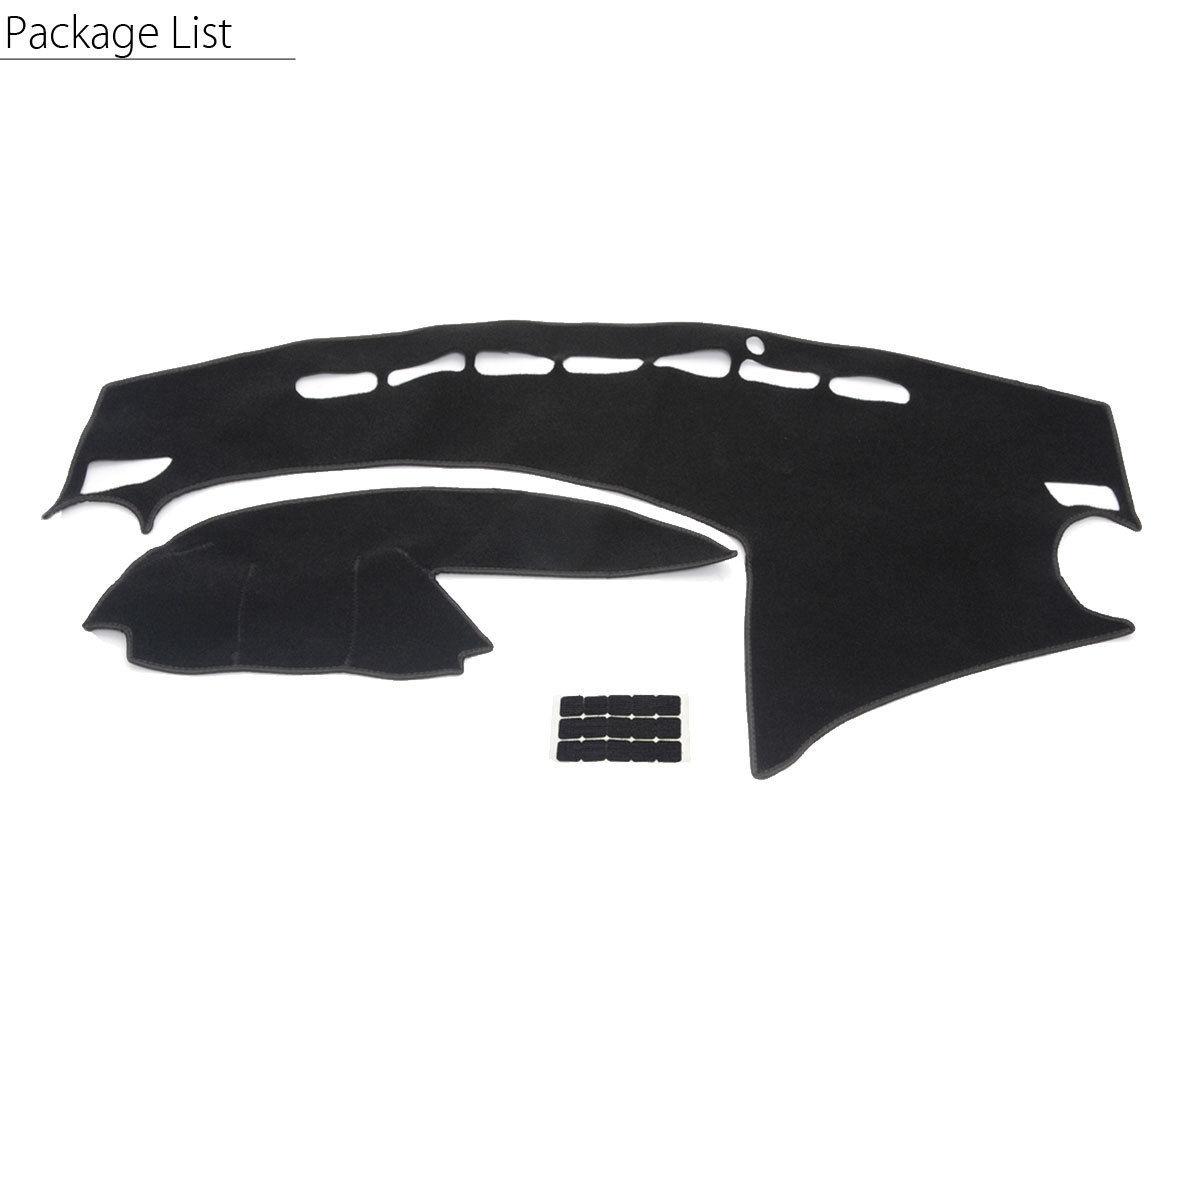 Car Dashboard Cover Dashmat Dash Sun Mat Carpet Board Pad For Mazda 3 2010-2013